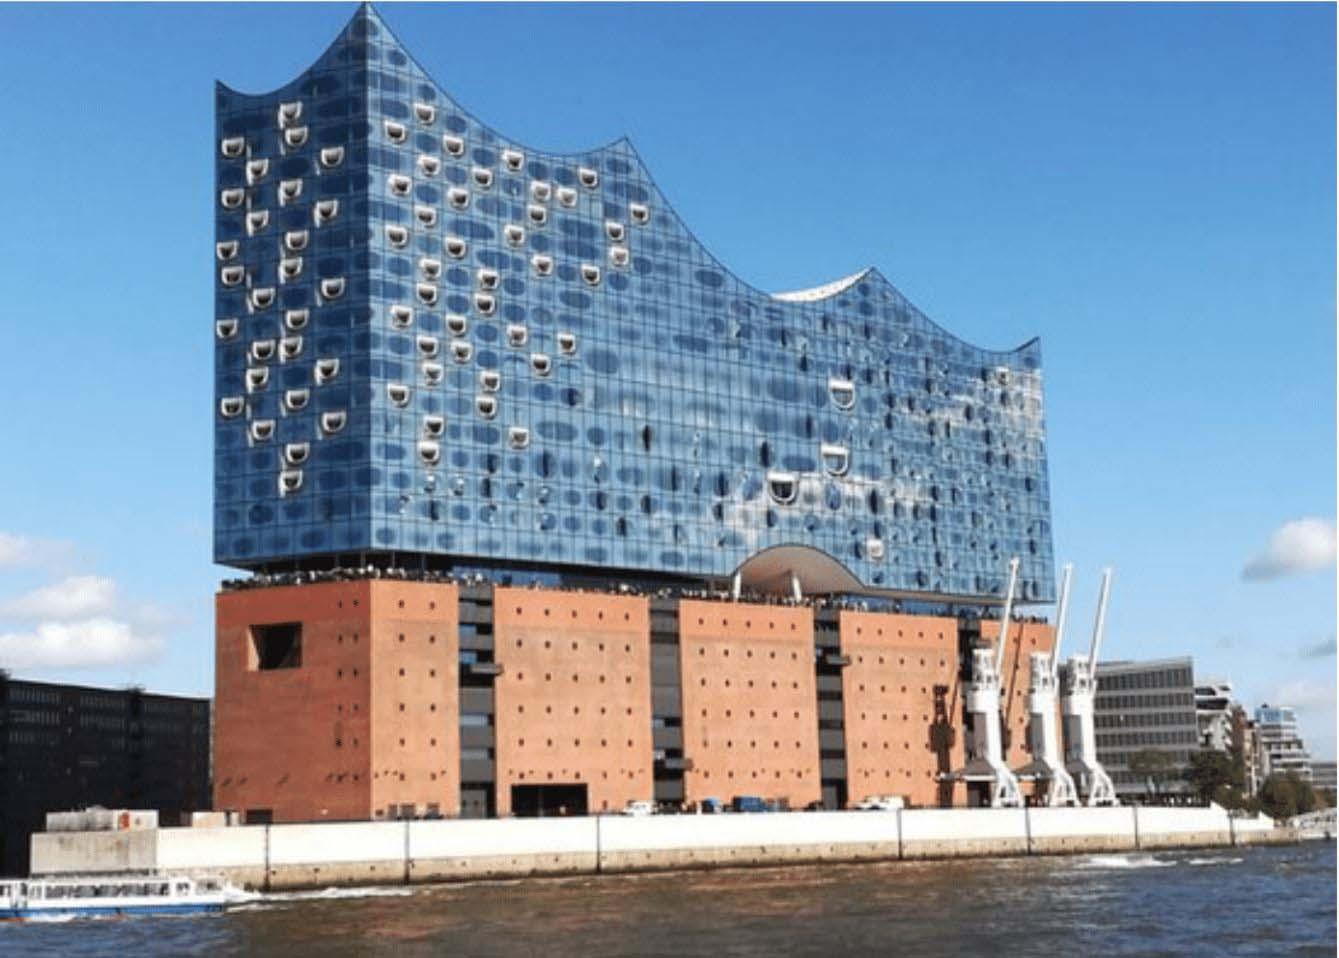 Hình 8: Phòng hòa nhạc Elbphilharmonie, Hamburg, Đức